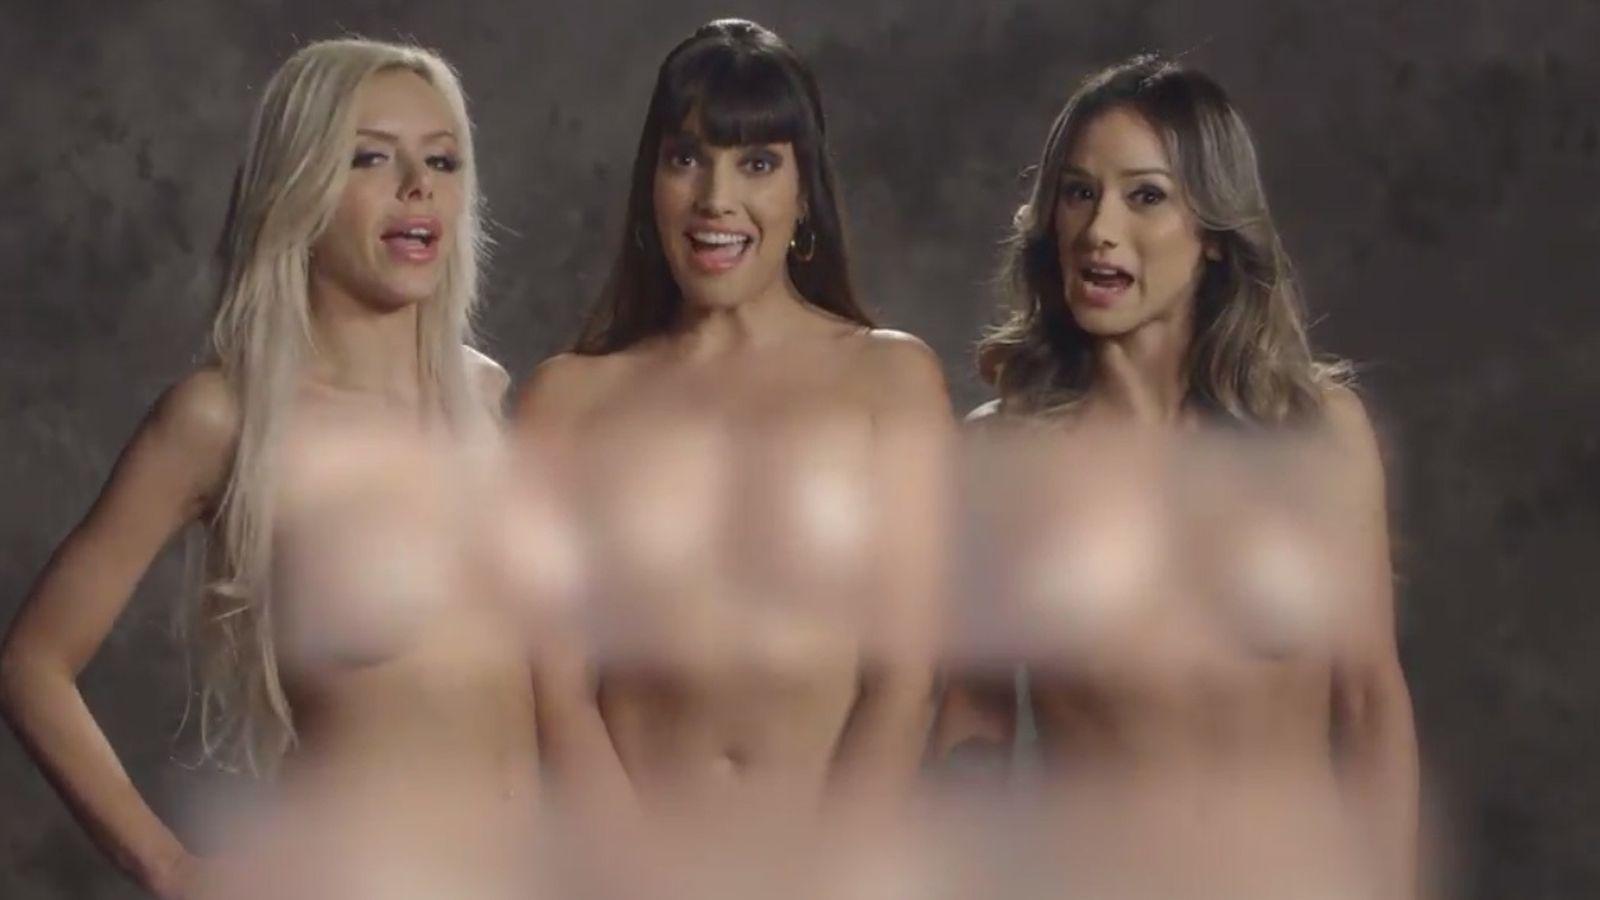 Foto: De izquierda a derecha, Nina Elle, Mercedes Carrera y Nadia Styles. (Funny or Die)